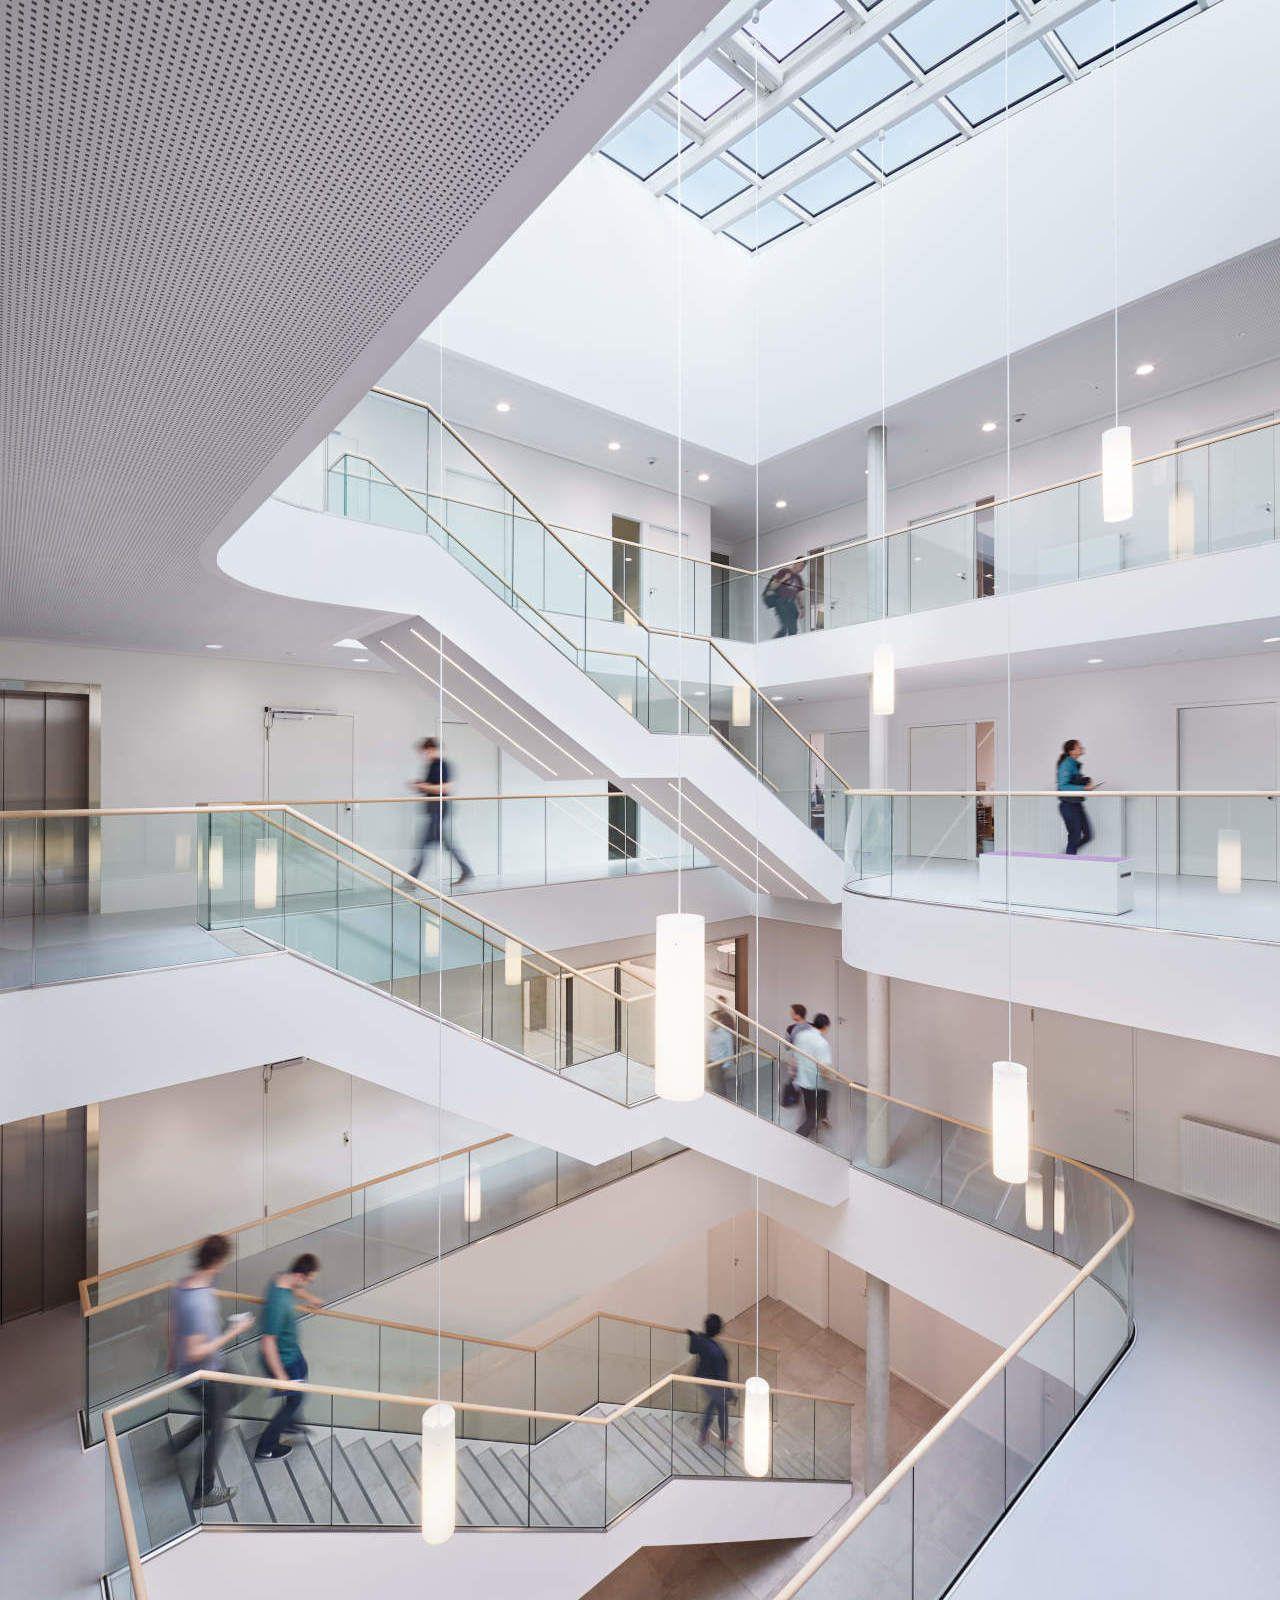 Windlab Innen Atrium mit Studenten